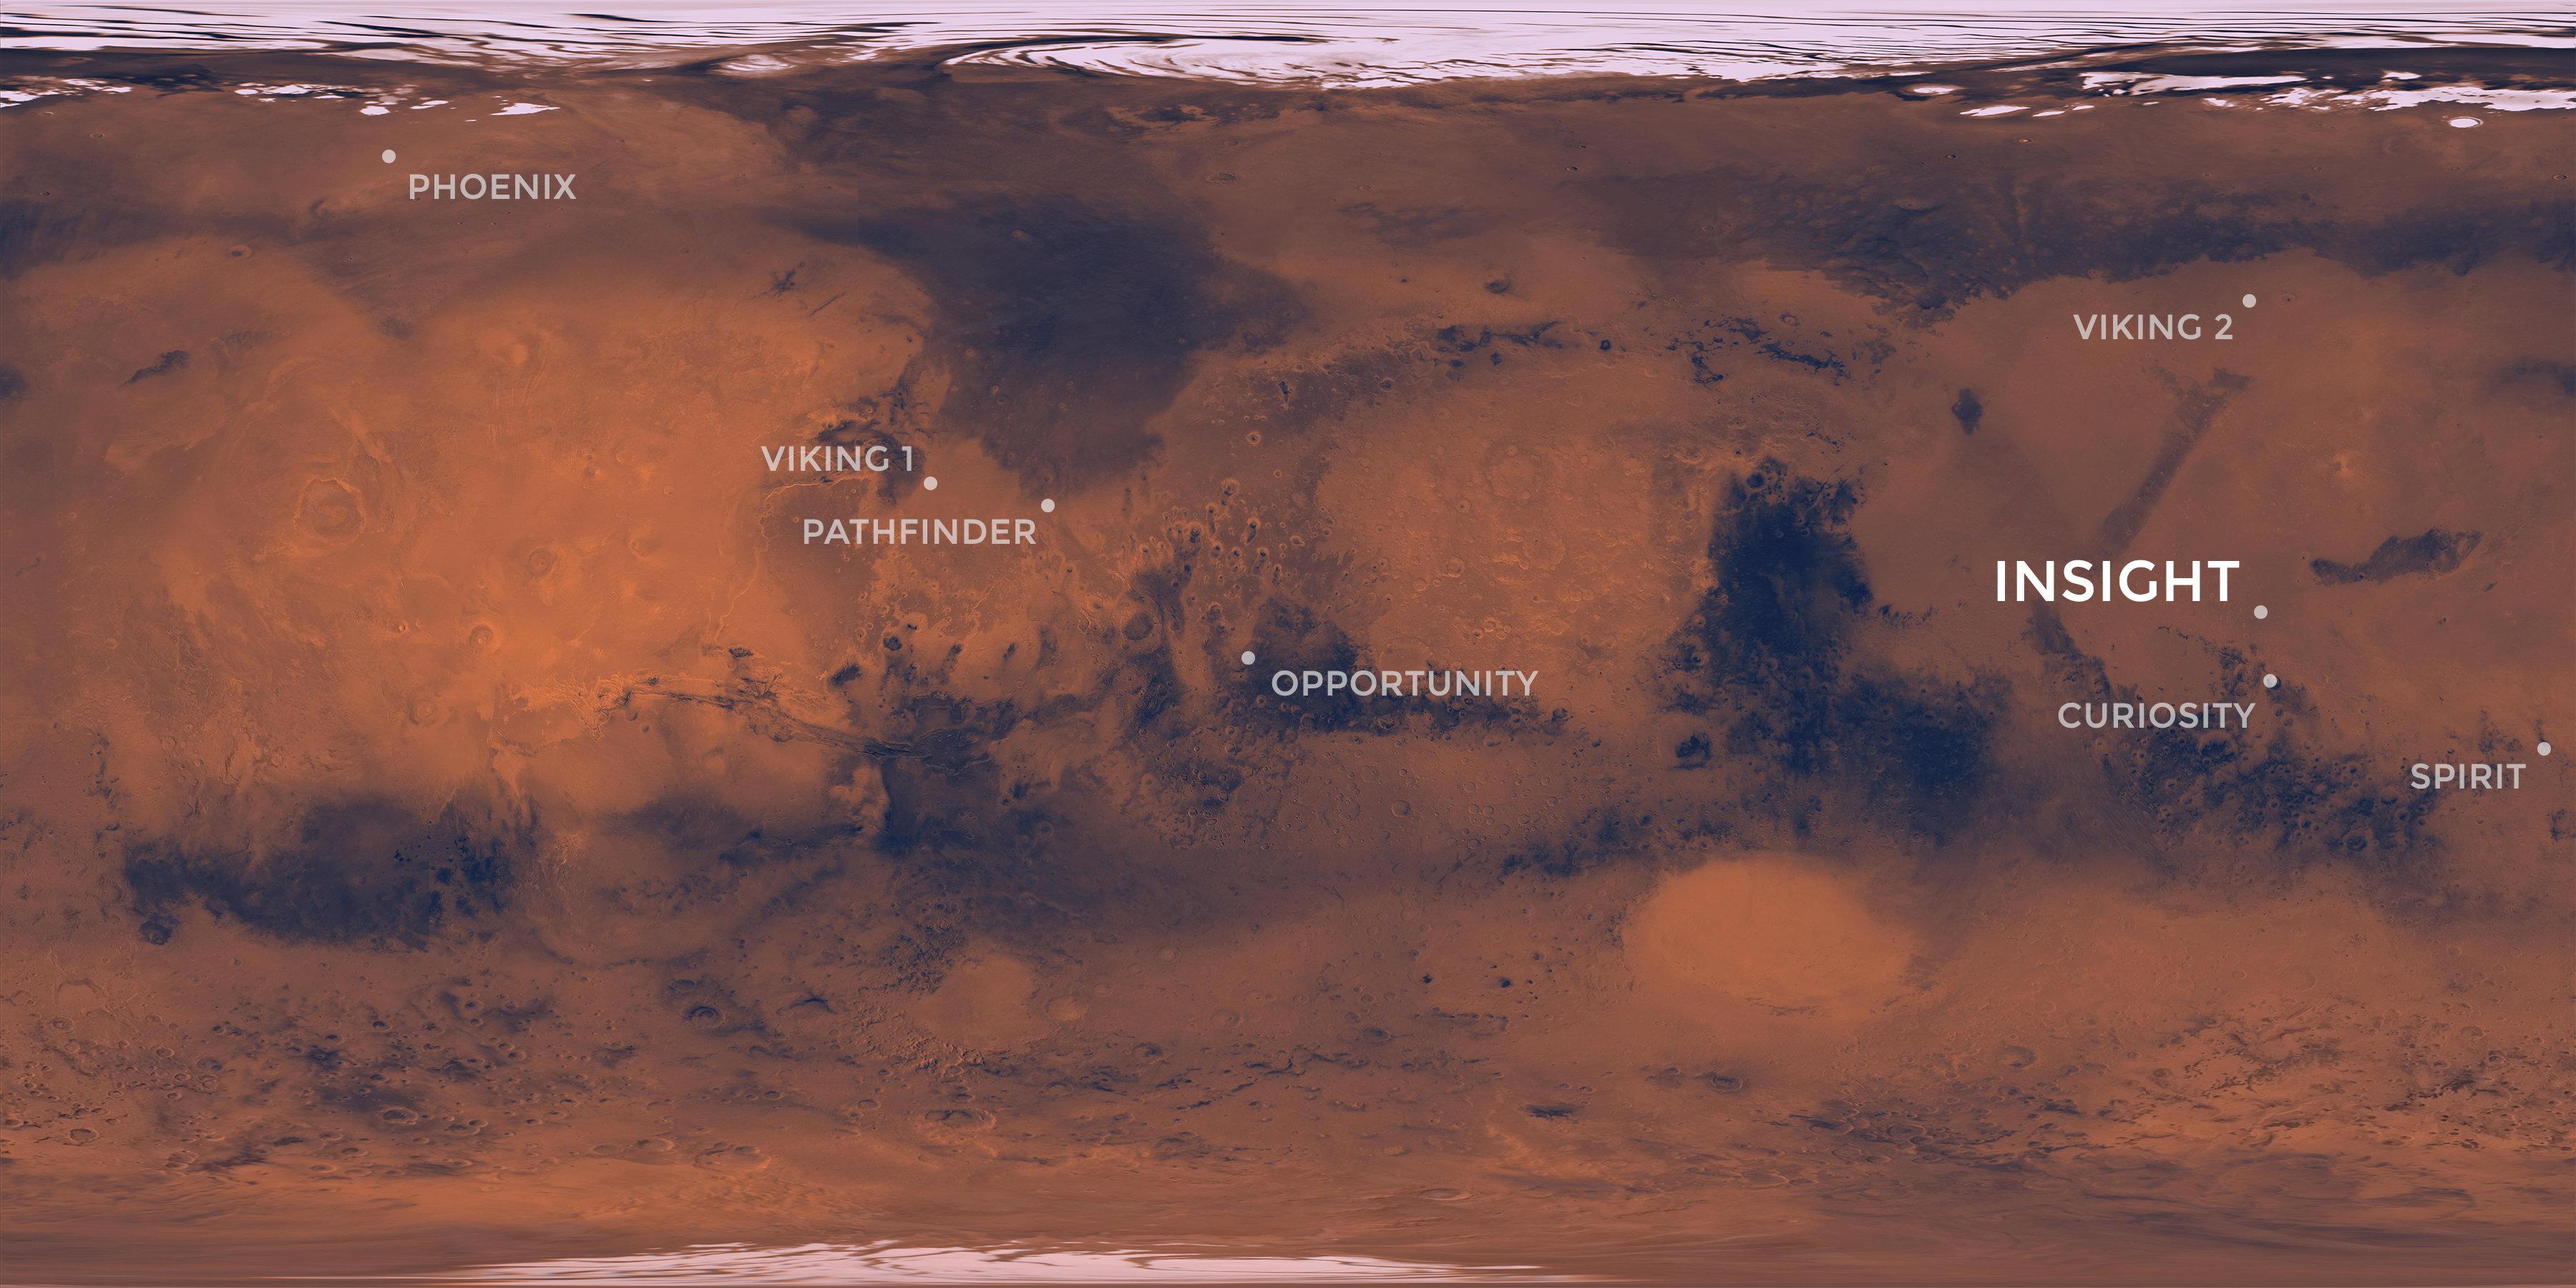 En este mapa de Marte se señala el lugar en el que quedará estacionado InSight y otras misiones de la NASA